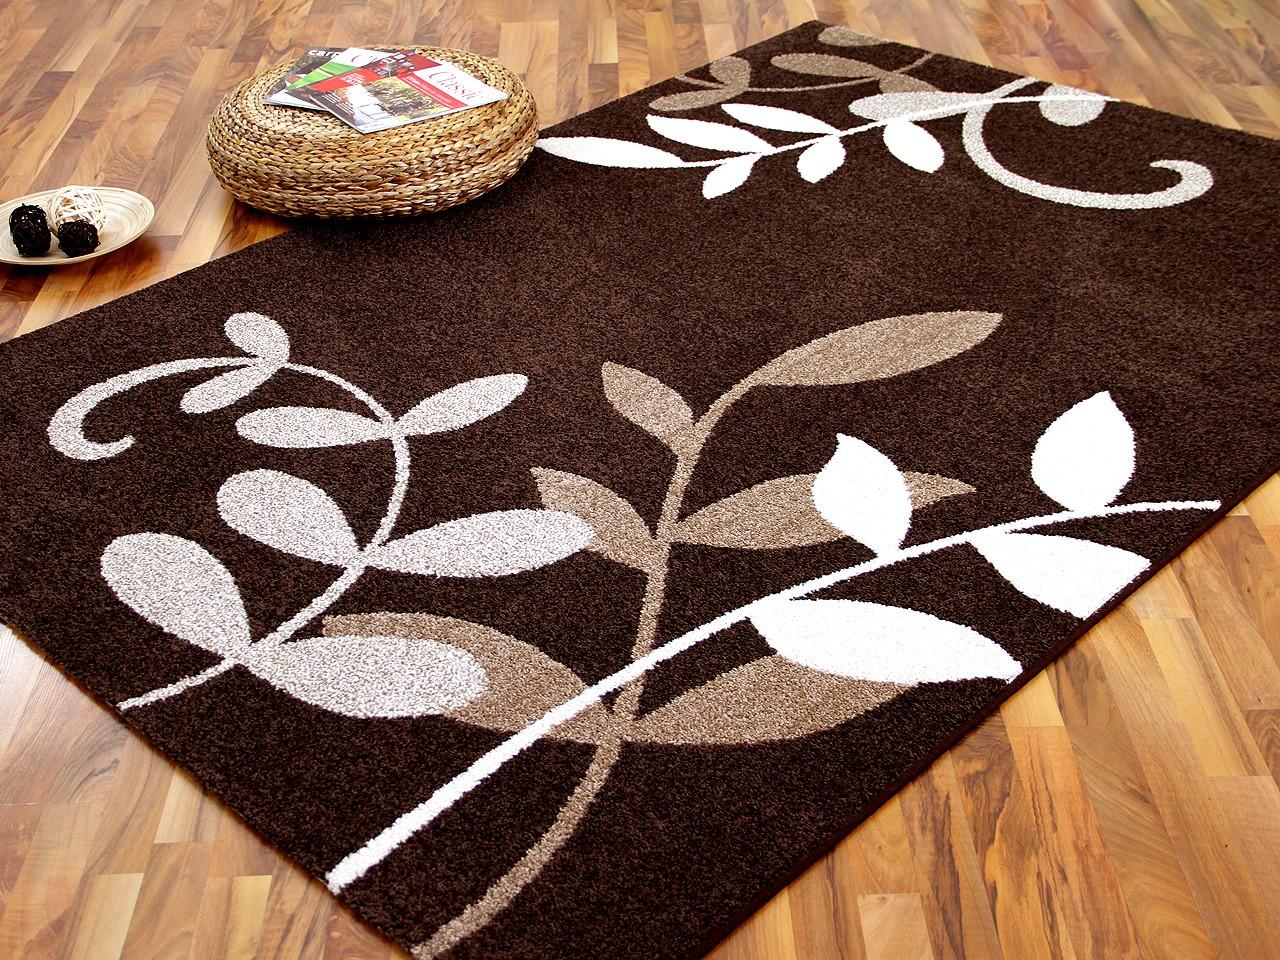 designer teppich softstar braun blumen teppiche designerteppiche softstar teppiche. Black Bedroom Furniture Sets. Home Design Ideas